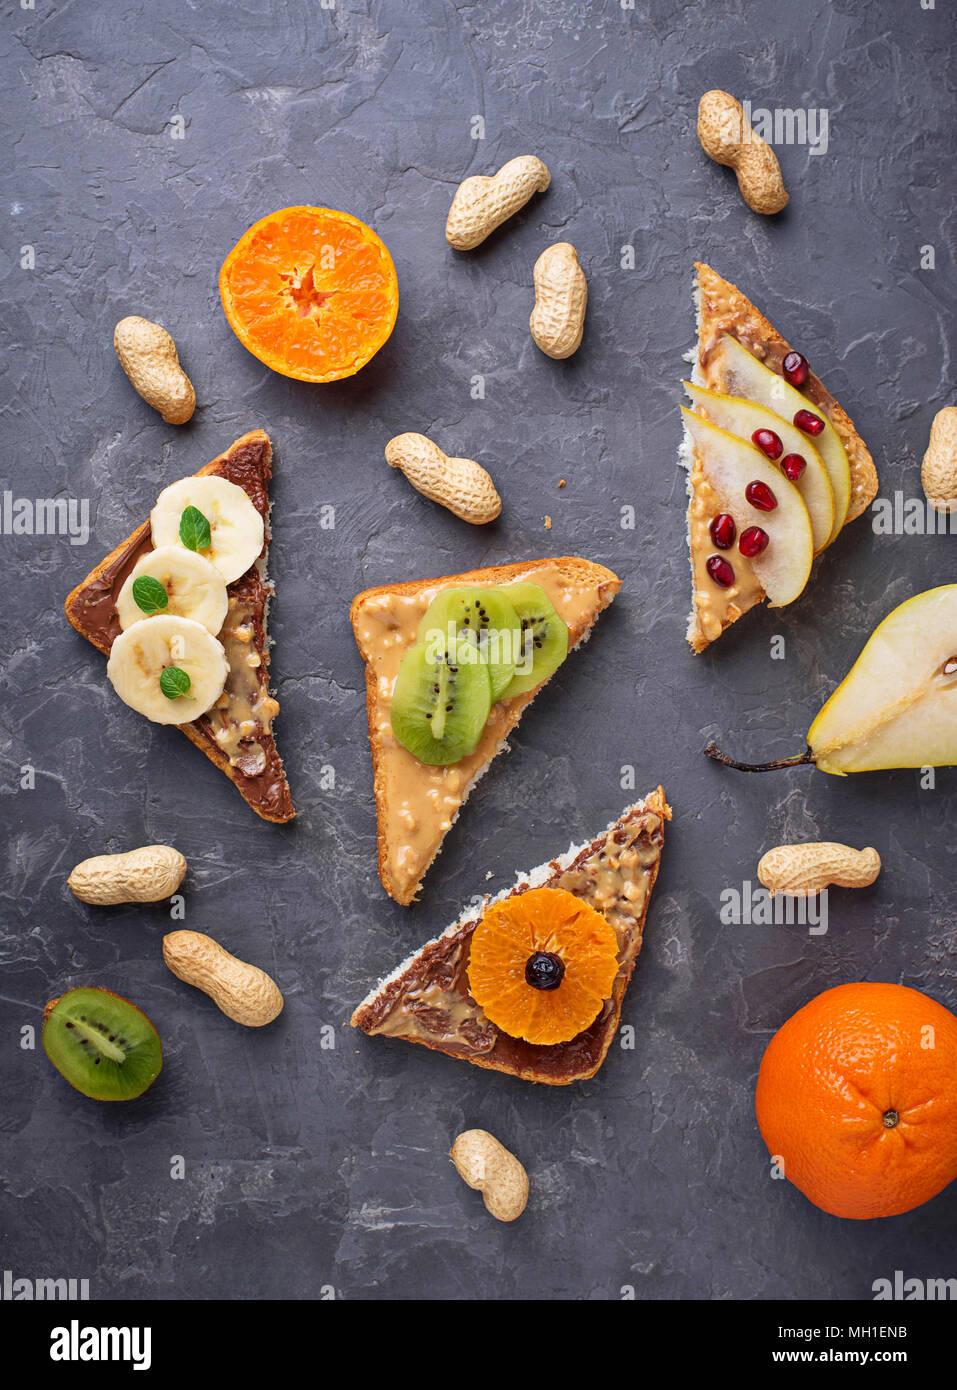 Gesund süßen Sandwiches mit Erdnussbutter und Früchte. Ansicht von oben Stockfoto